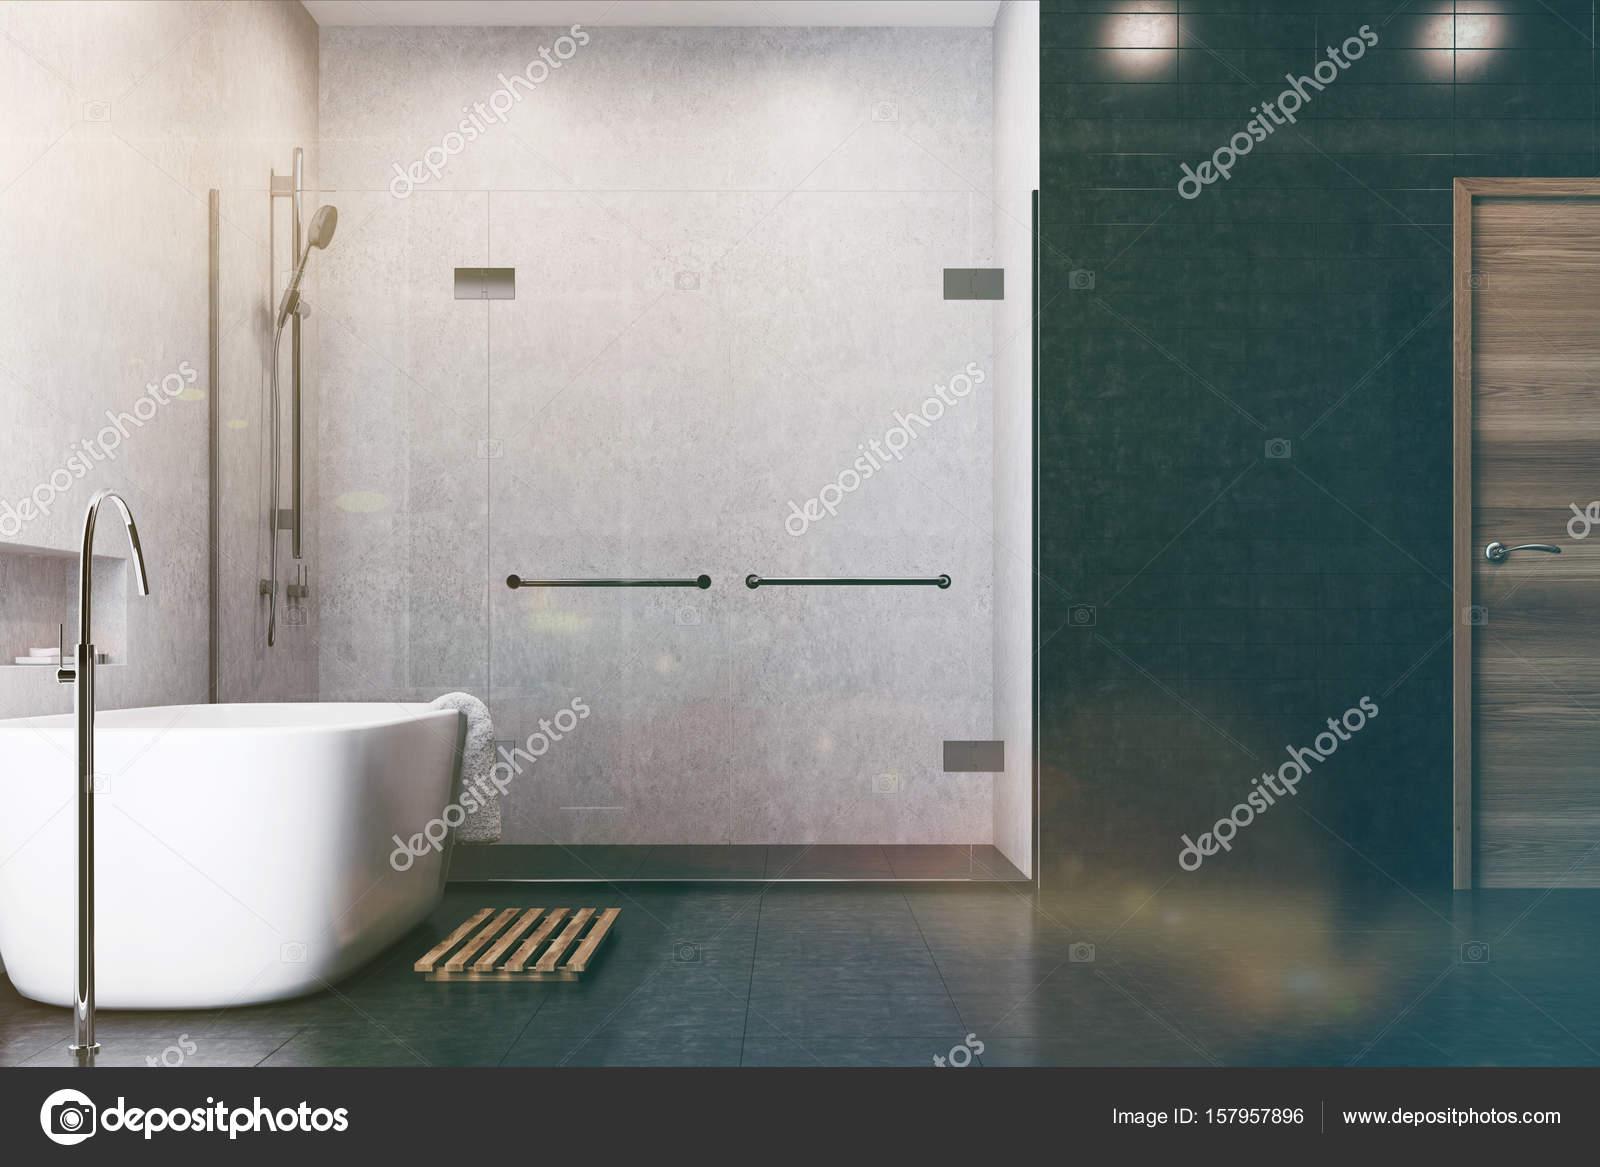 Piastrelle per bagno bianco nero lato doccia tonico u2014 foto stock